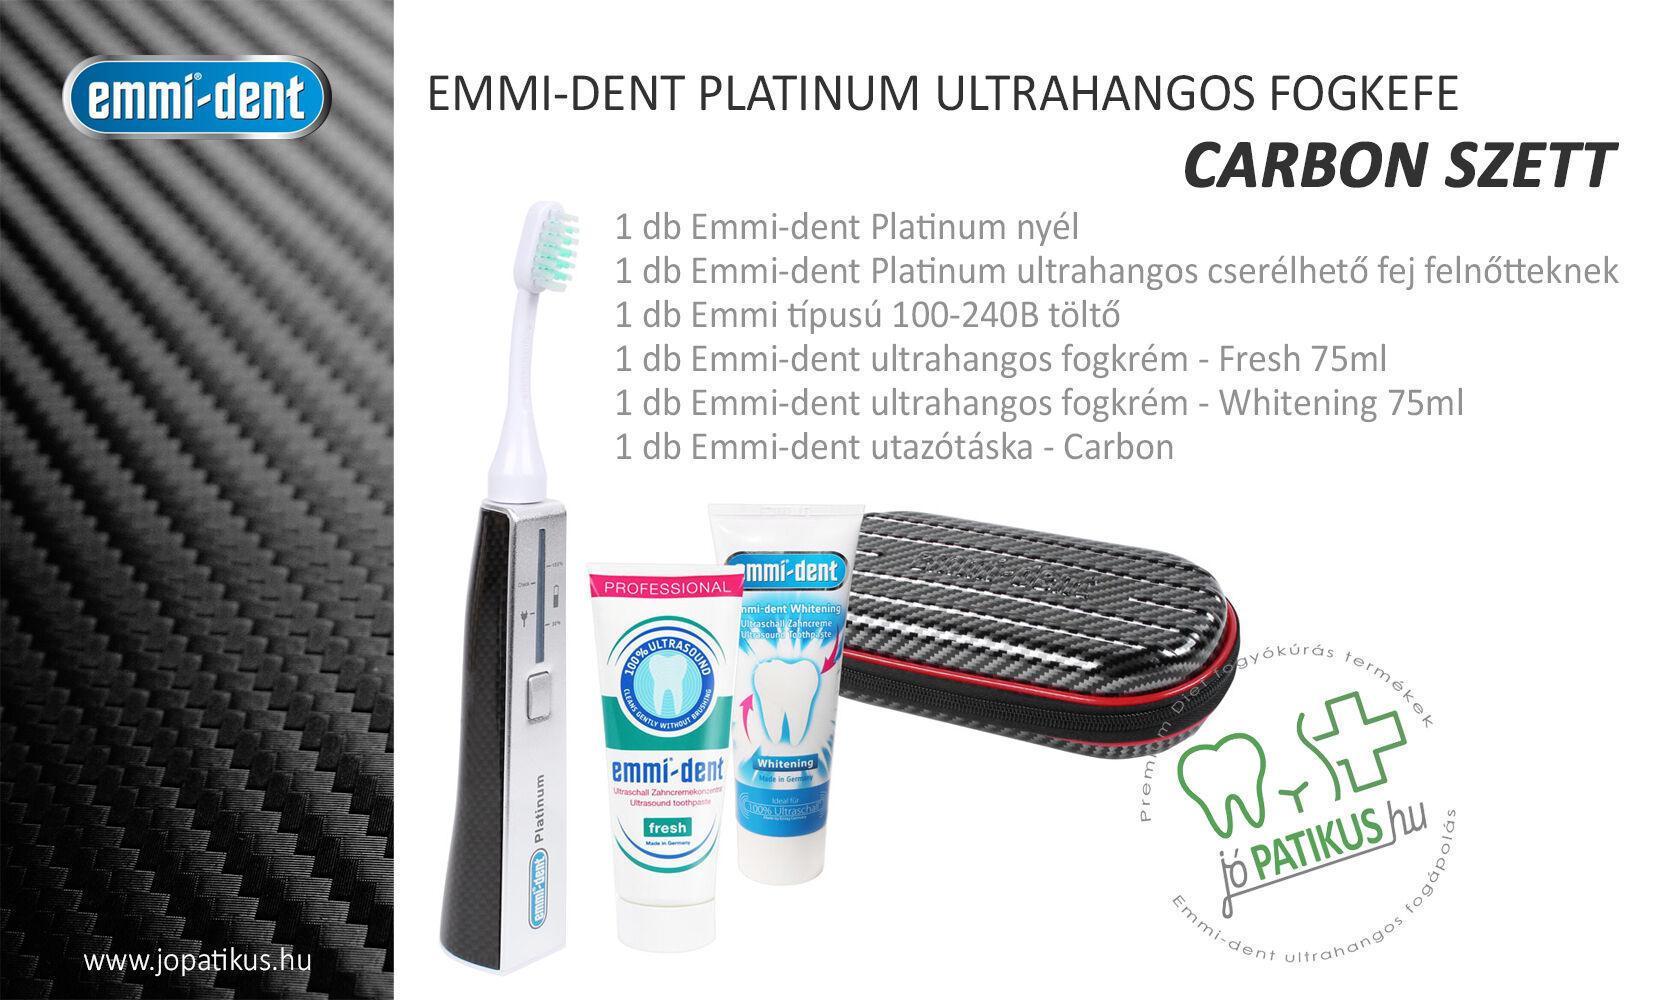 Ultrahangos fogkefe - Emmi-dent Platinum Carbon szett - jopatikus